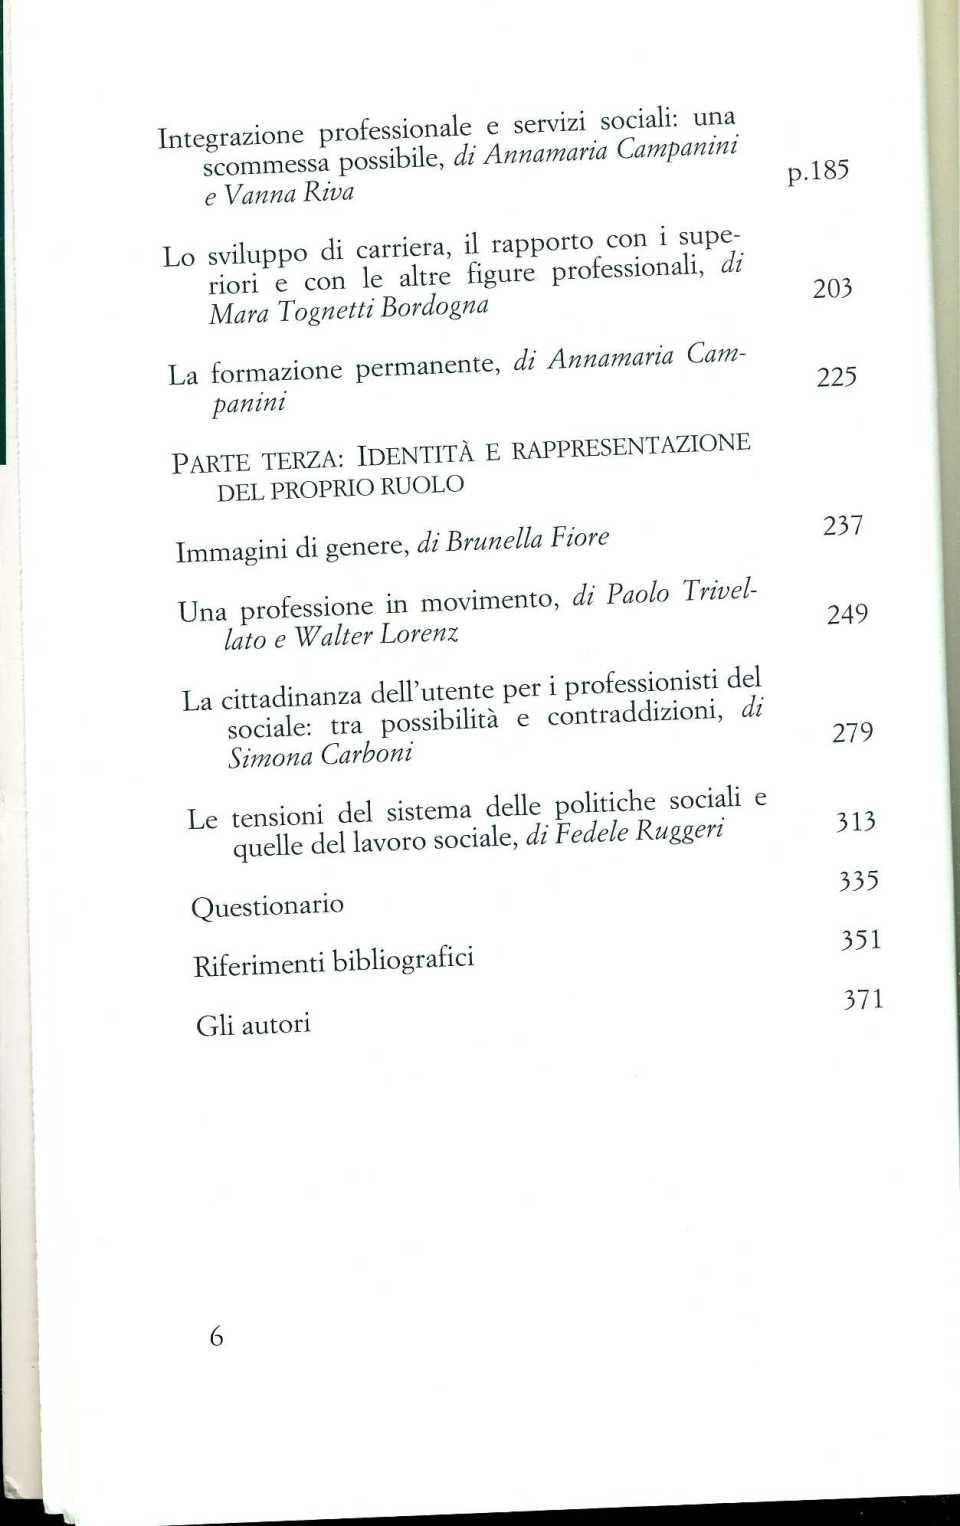 FACCHINI2592